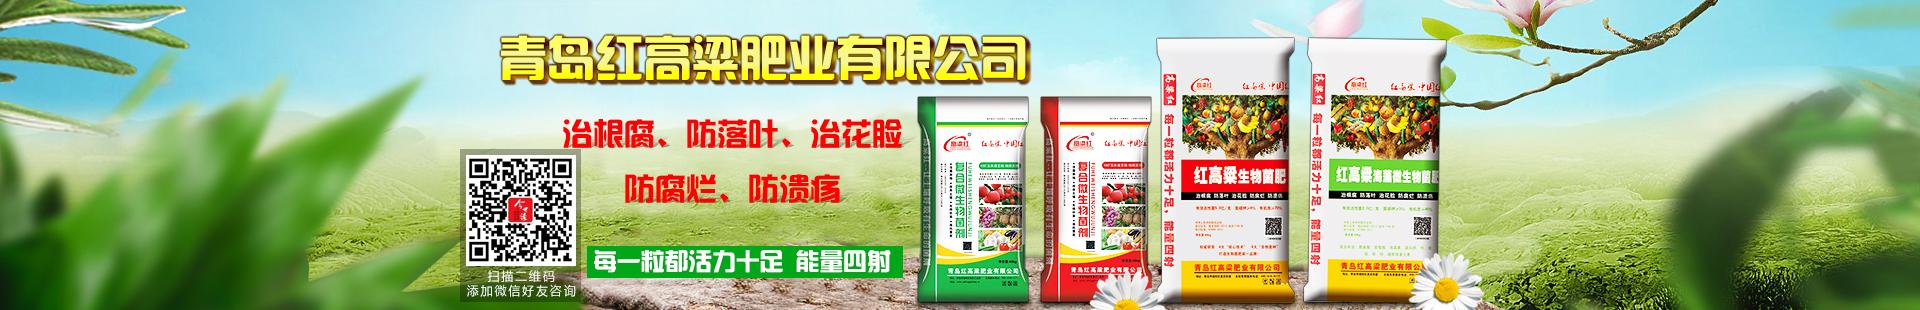 青岛红高粱肥业有限公司